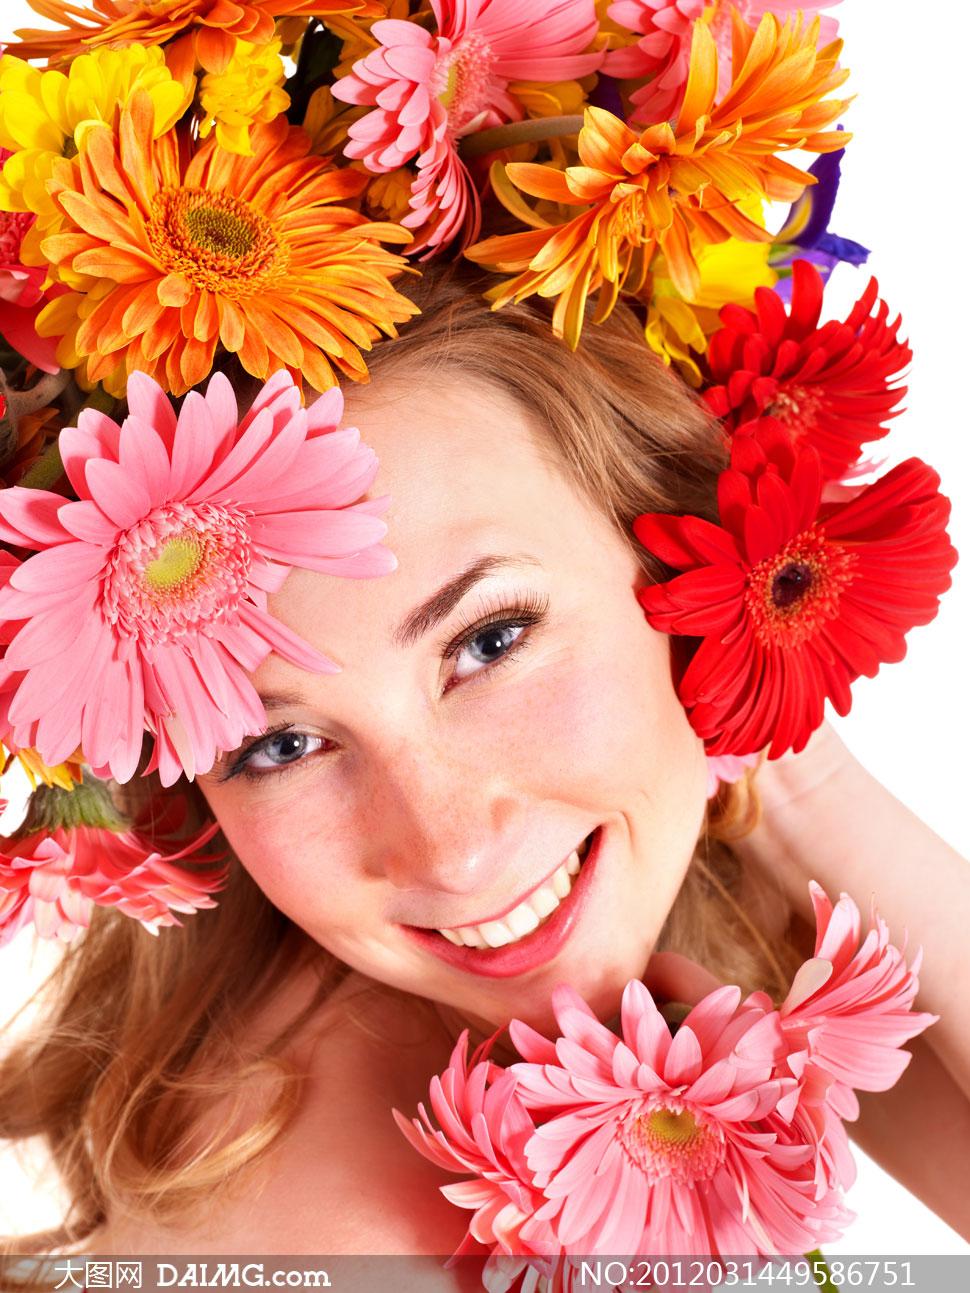 被鲜艳花朵簇拥下的美女人物高清摄影图片